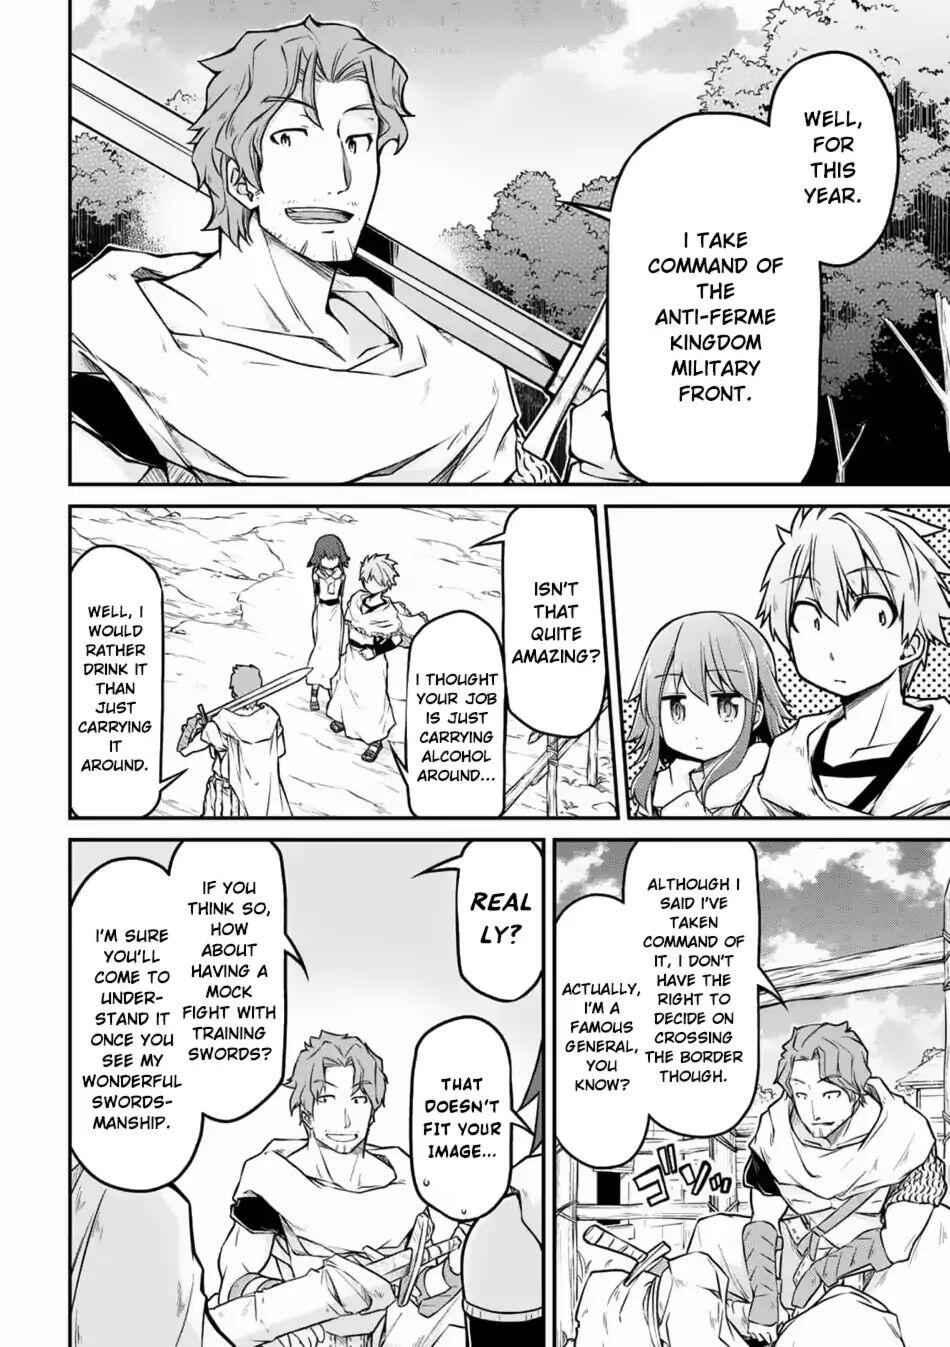 Isekai Kenkokuki - chapter 23.1-eng-li